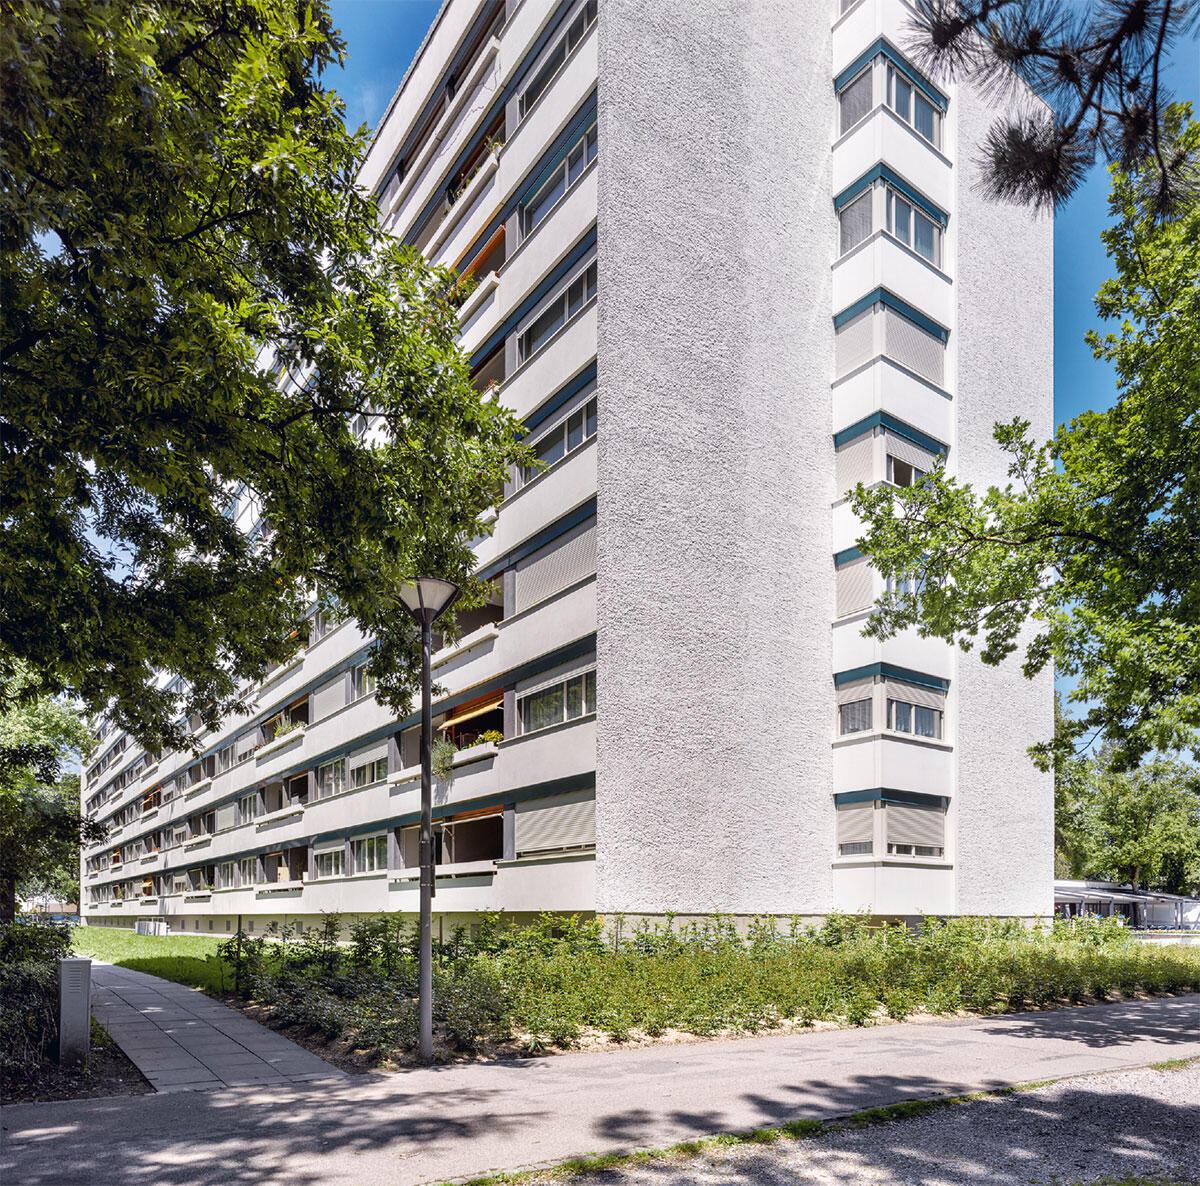 Kaum sichtbare Veränderung: Ein feiner Unterschied in der Putzstruktur verrät die Erweiterung der Wohnungsgrundrisse um rund 3 Meter.  Bild: Alexander Gempeler